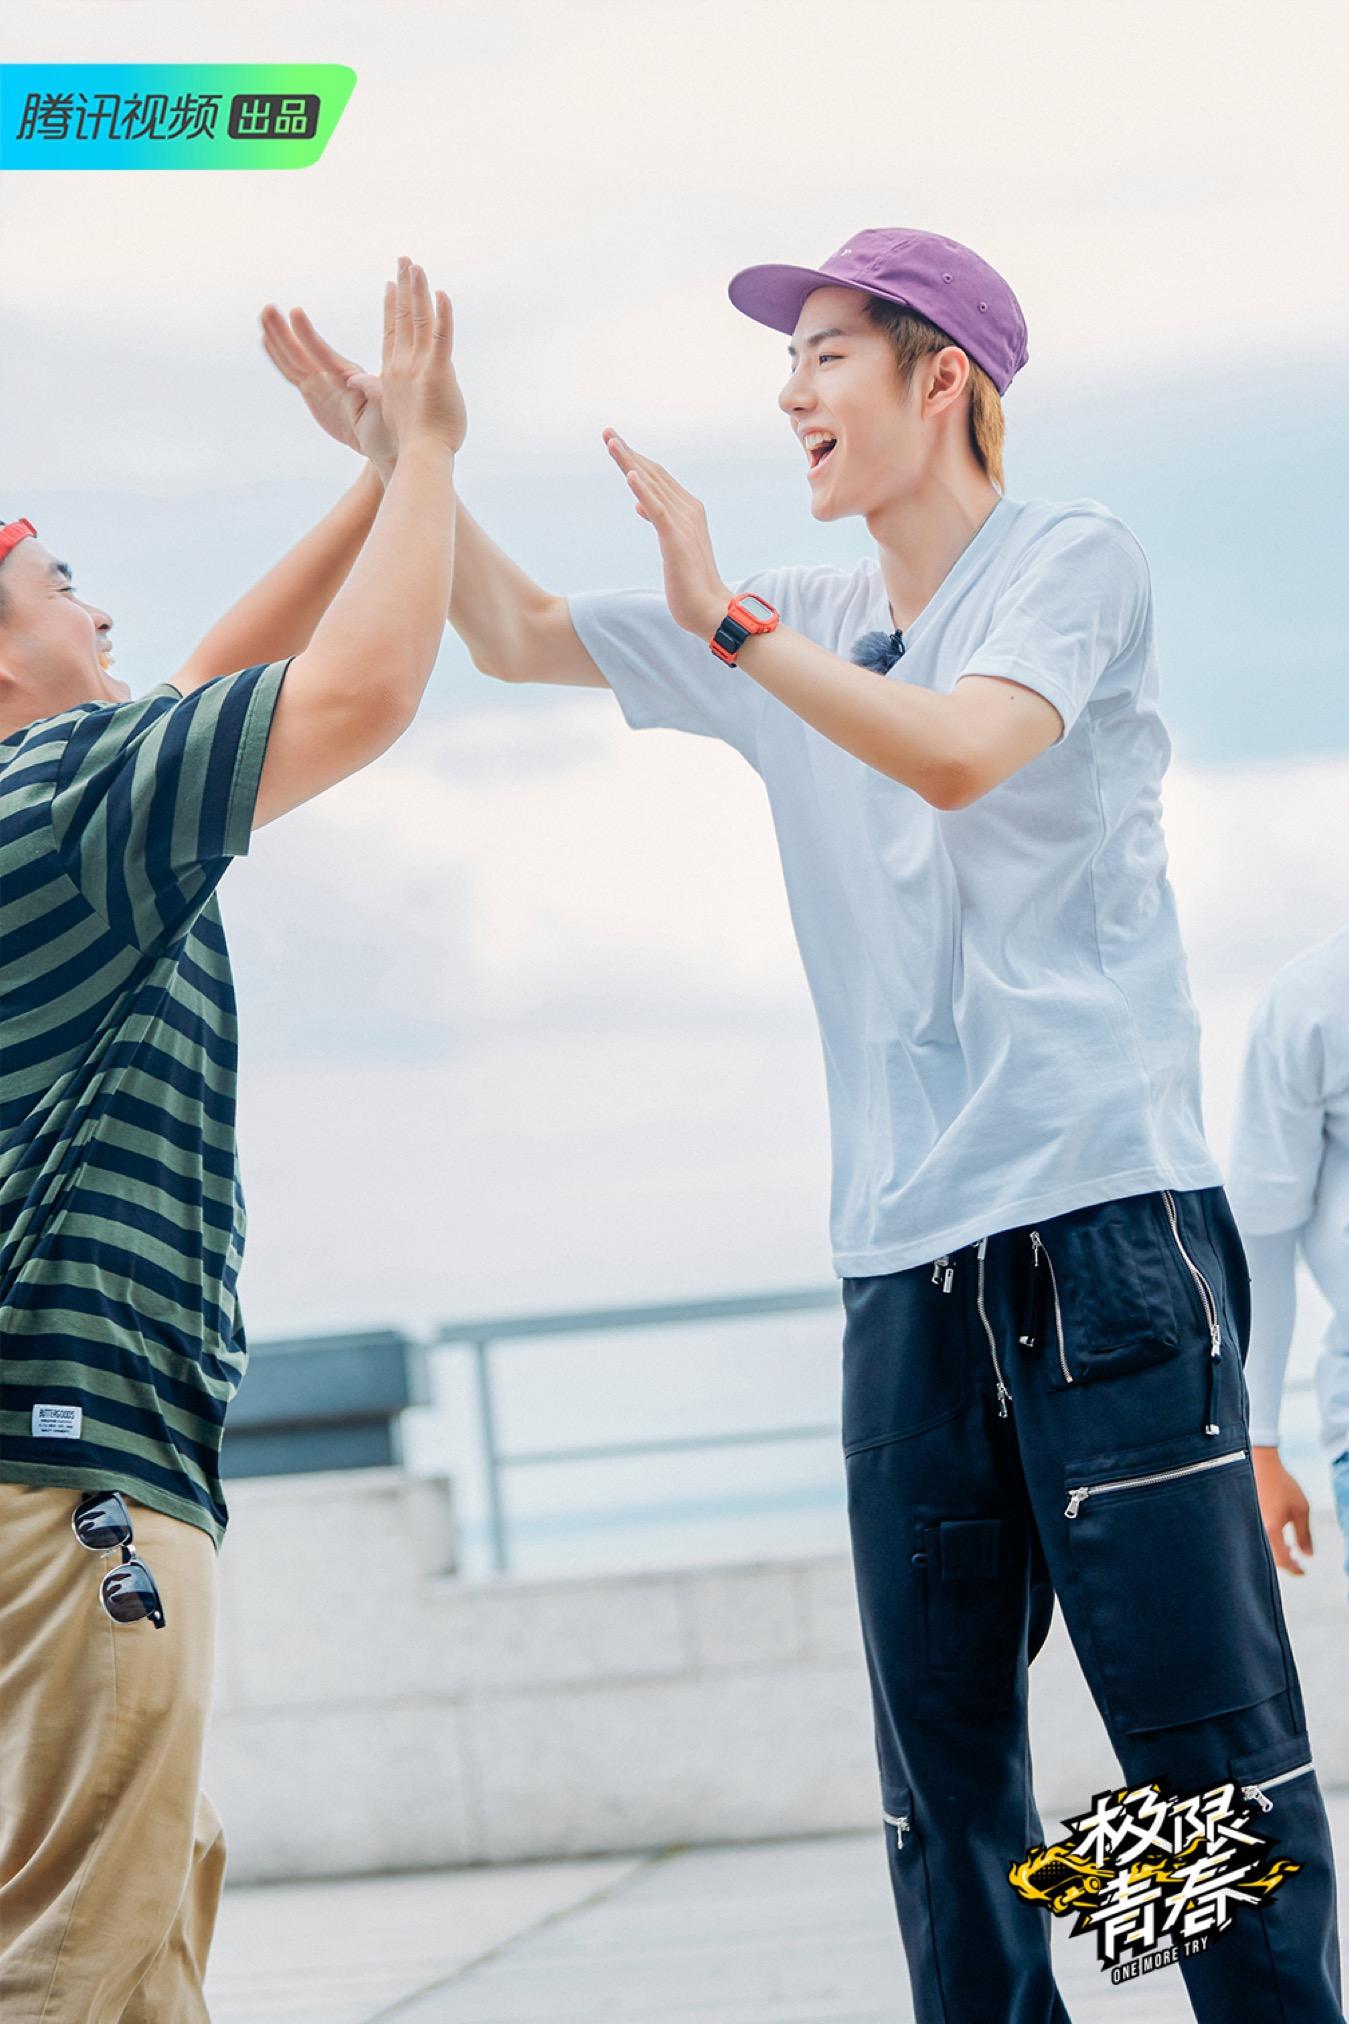 王一博激情high-five.jpg